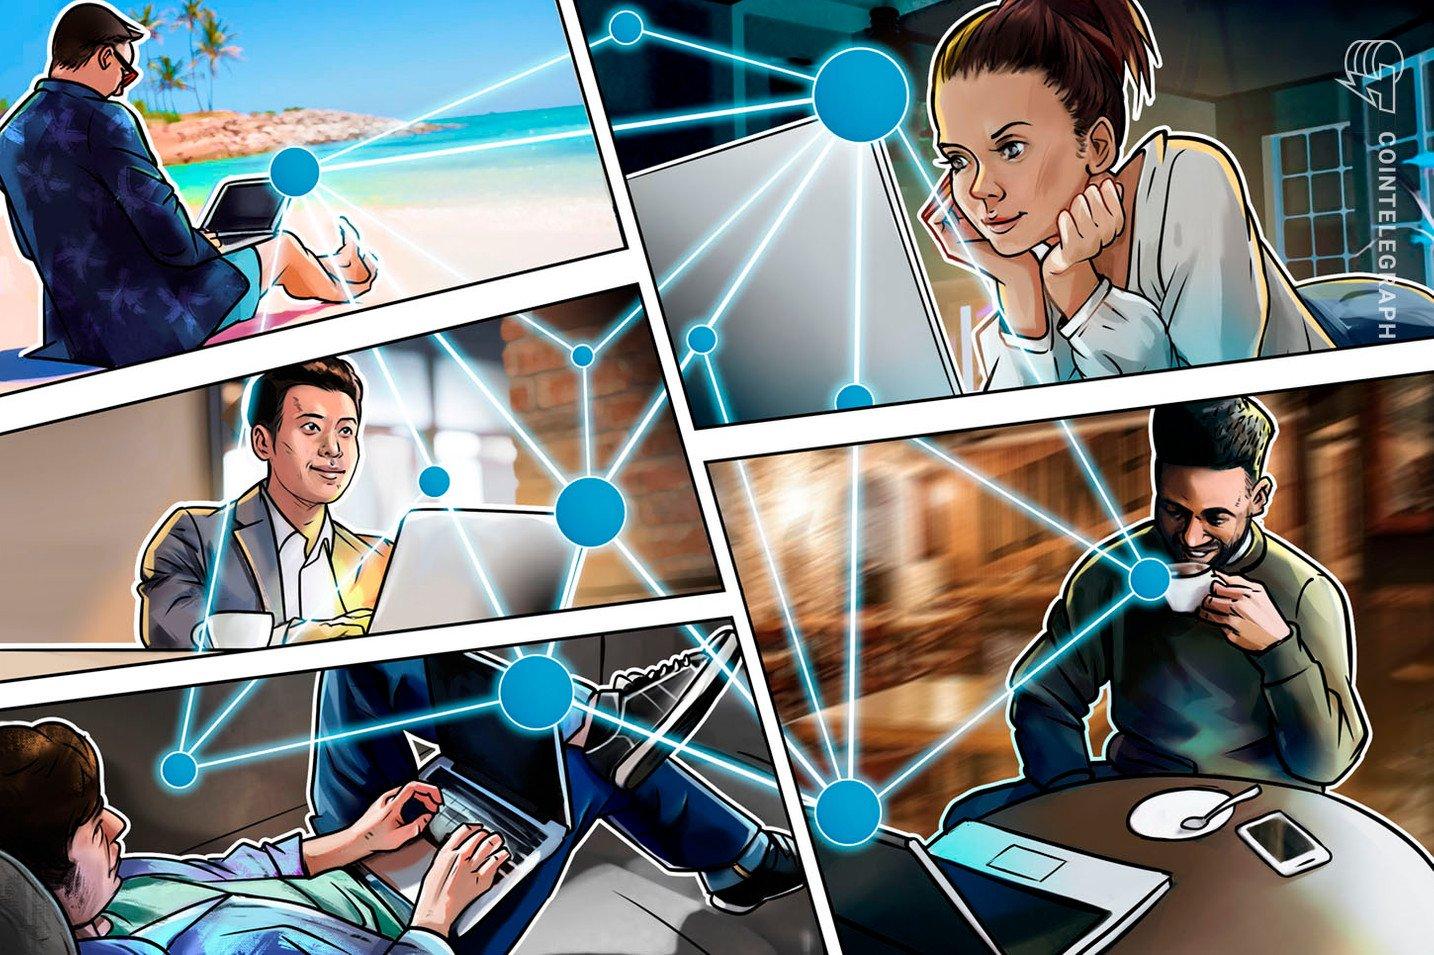 Crypto Bergabung dengan Panggilan Monetisasi Zoom, Blockchain Mengatasi Masalah Utama